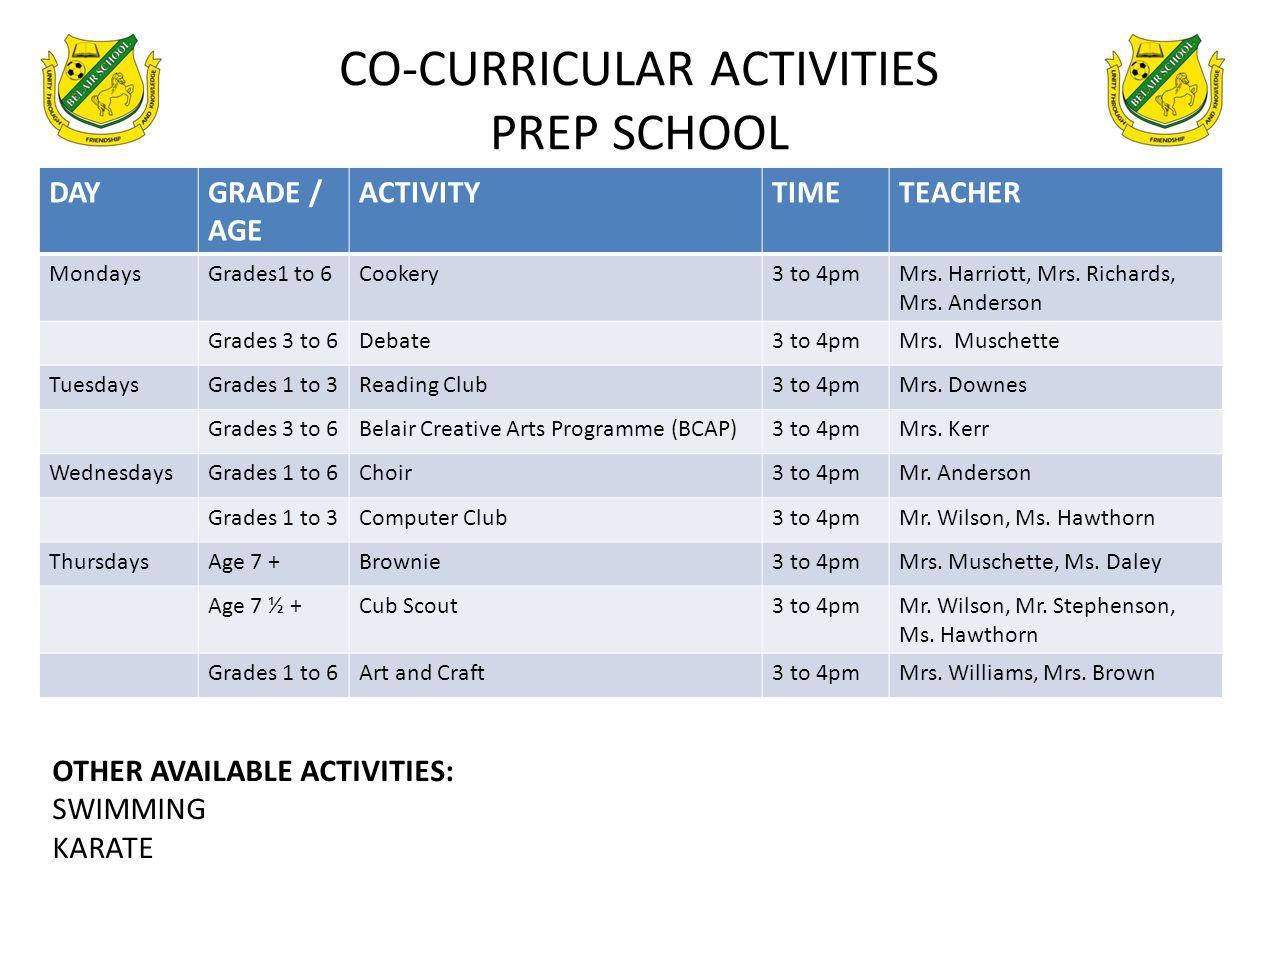 CO-CURRICULAR ACTIVITIES PREP SCHOOL